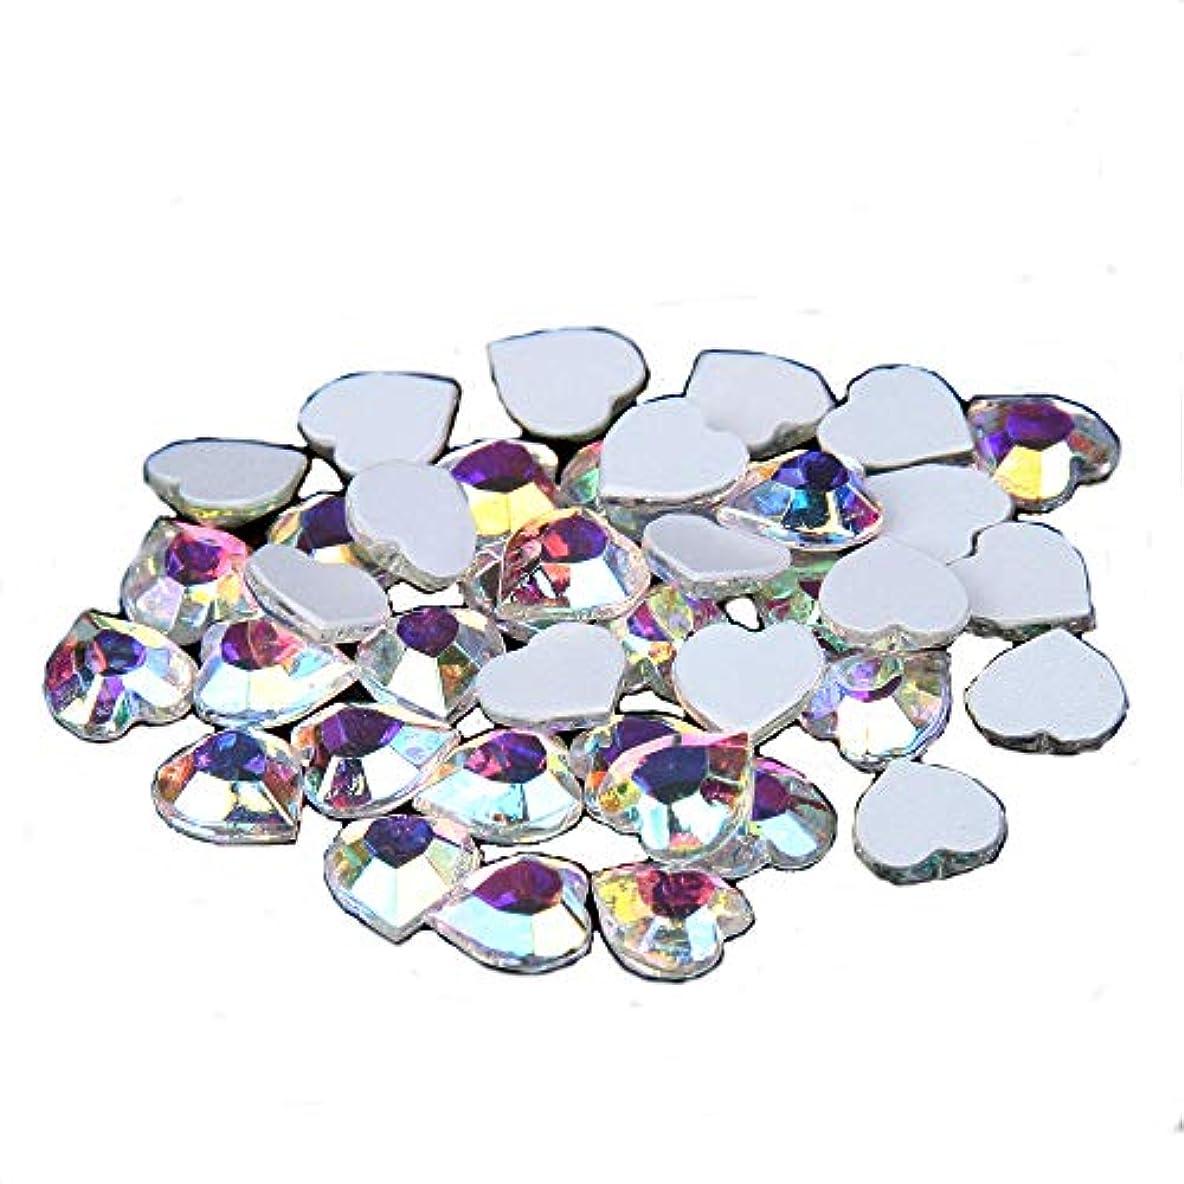 マリンオプション刻むNizi ジュエリー ブランド 50粒ガラスネイルアート用品 ネイルステッカー DIY 装飾用 クリスタルオーロラ 多くのスタイル (ハート 5x5.5mm)